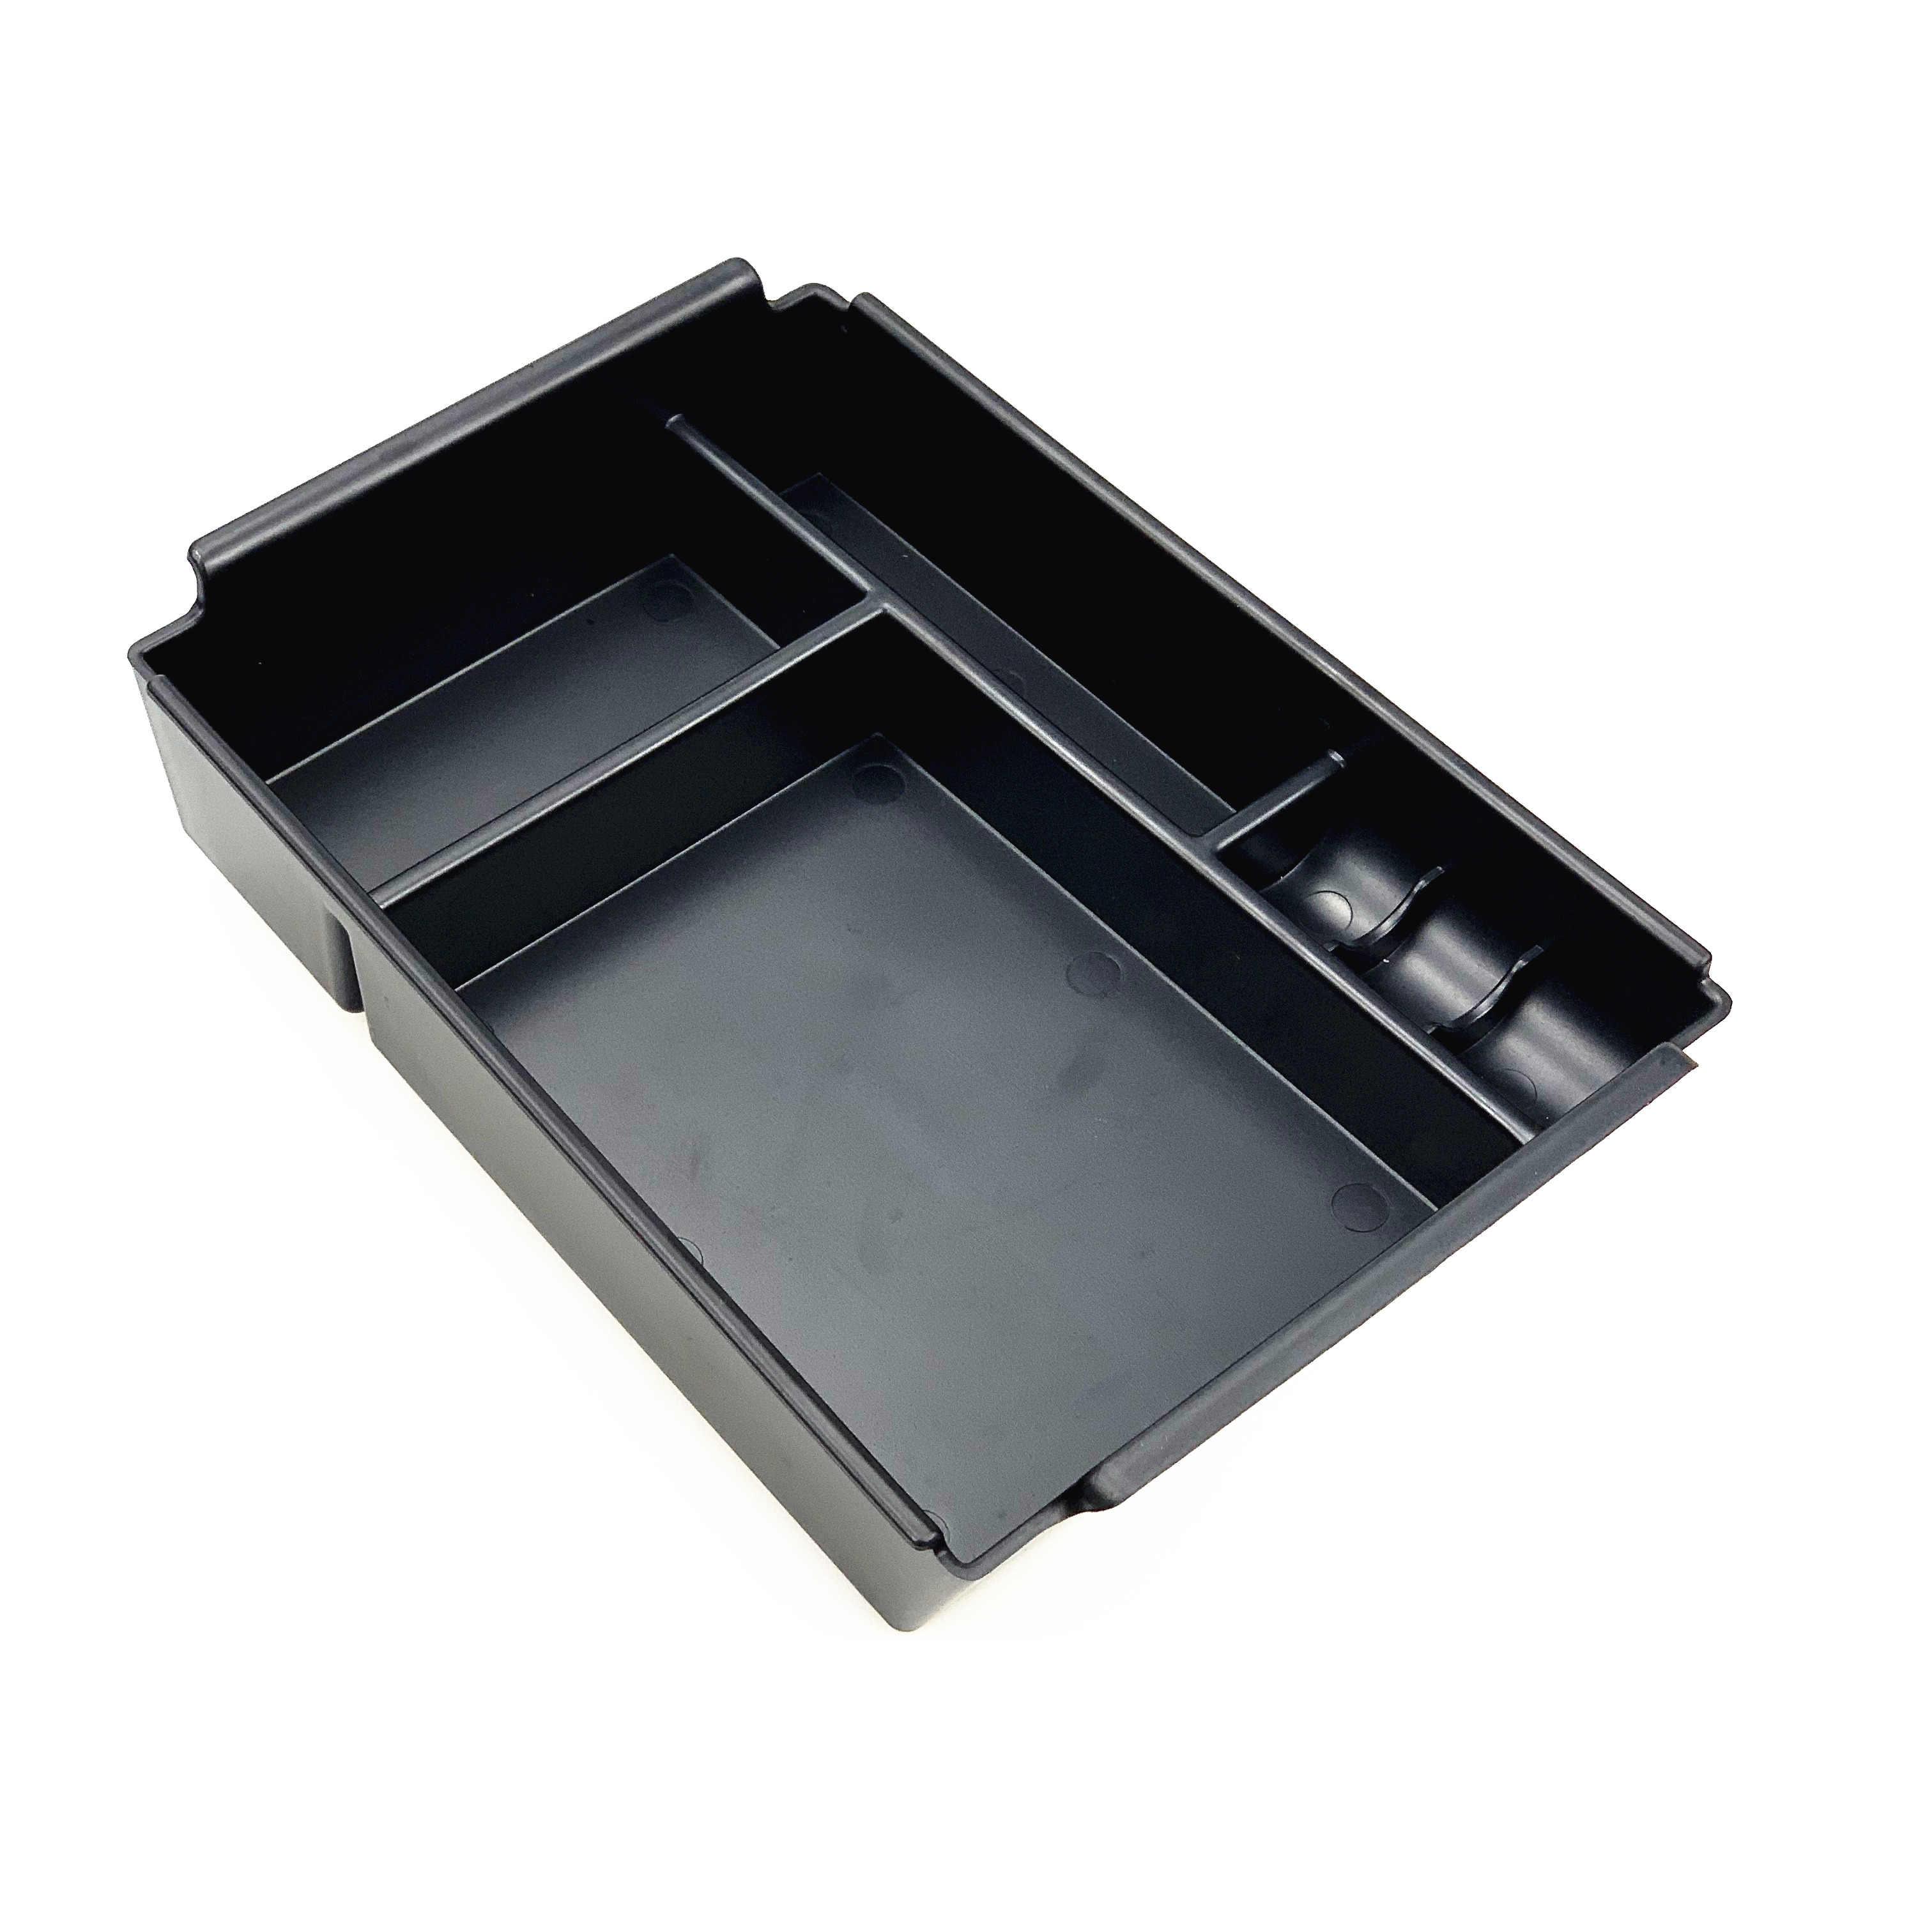 Dla Mercedes Benz M/GLE/GL/GLS klasy W166 X166 podłokietnik pudełko do przechowywania pojemnik taca organizator akcesoria kierownica z lewej strony